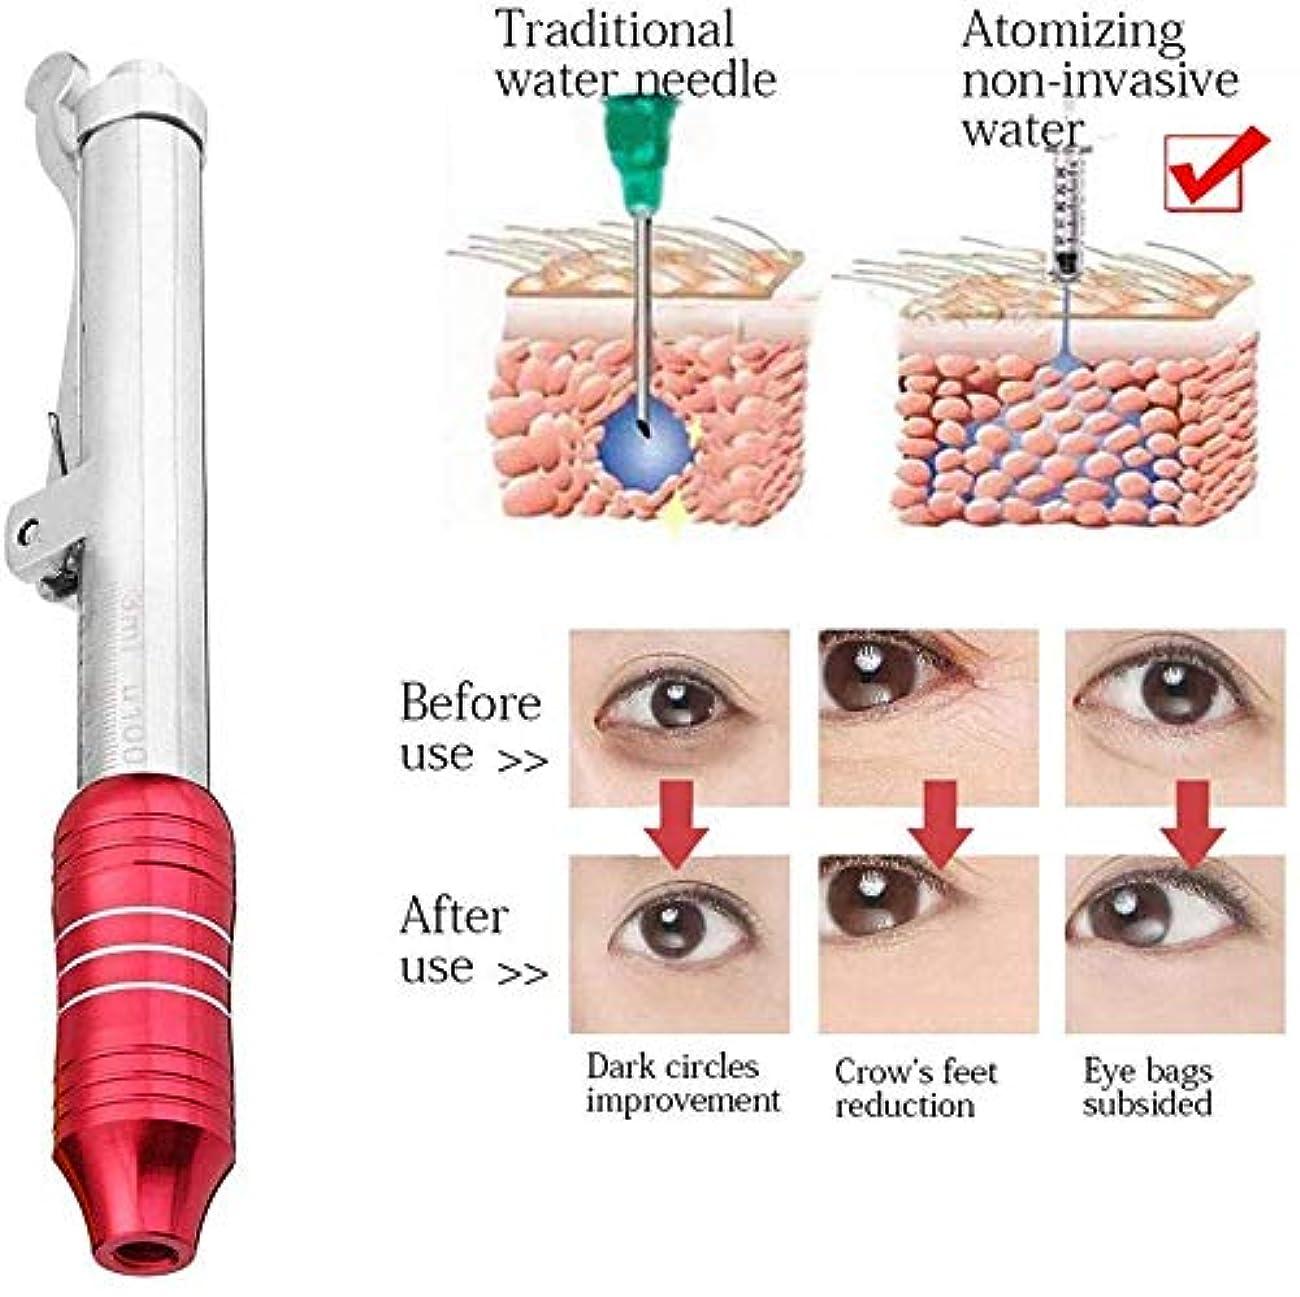 ジョセフバンクス死百科事典ヒアルロン注射ペン、高圧ヒアルロン酸ペン、肌の弾力性の回復、しわを減らすのに役立つ、ヒアルロン酸保湿剤